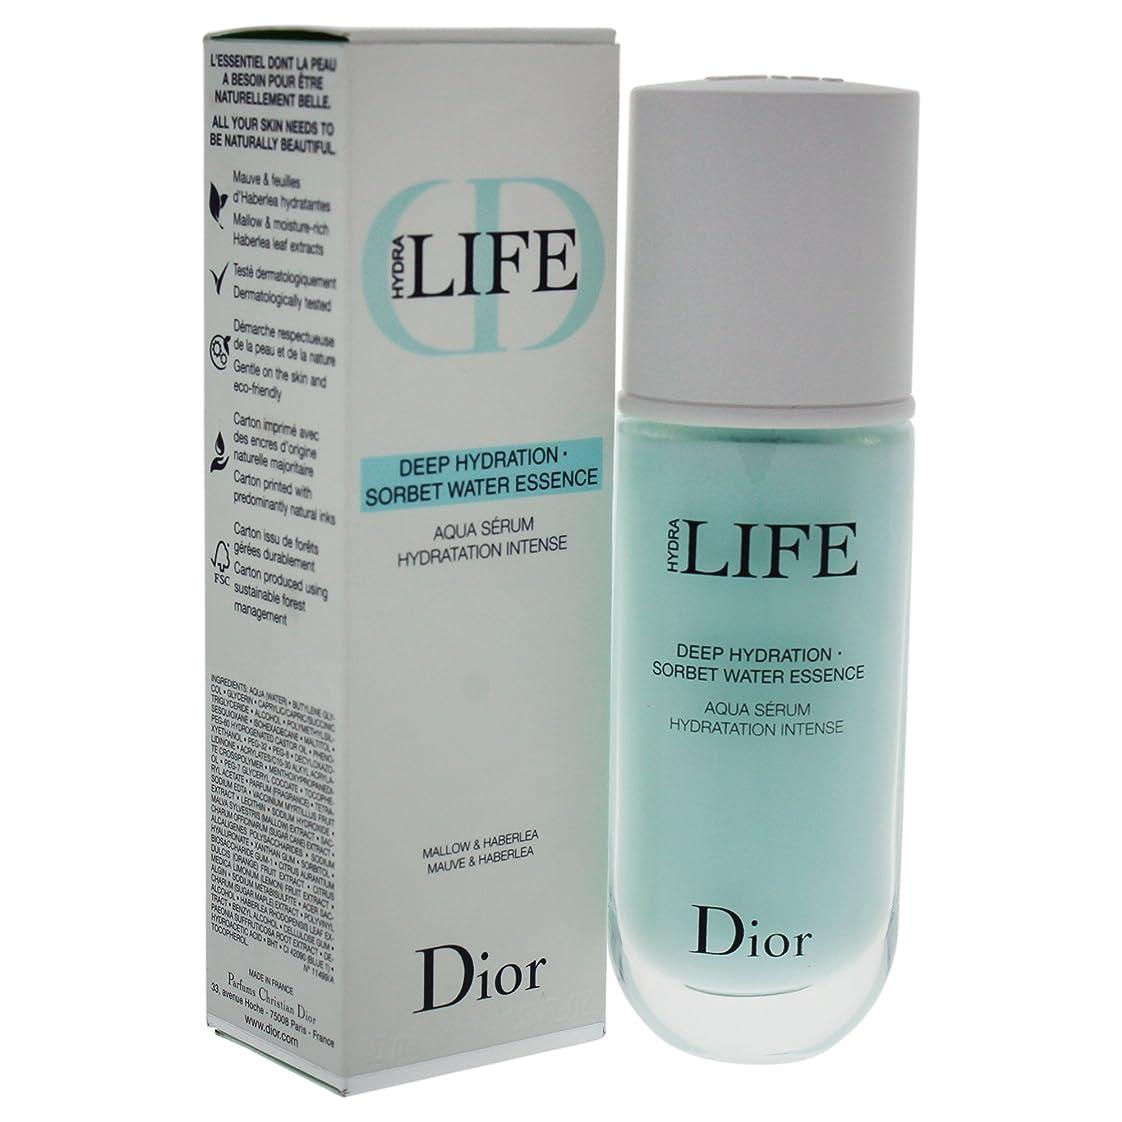 クリスチャンディオール Hydra Life Deep Hydration - Sorbet Water Essence 40ml/1.3oz並行輸入品